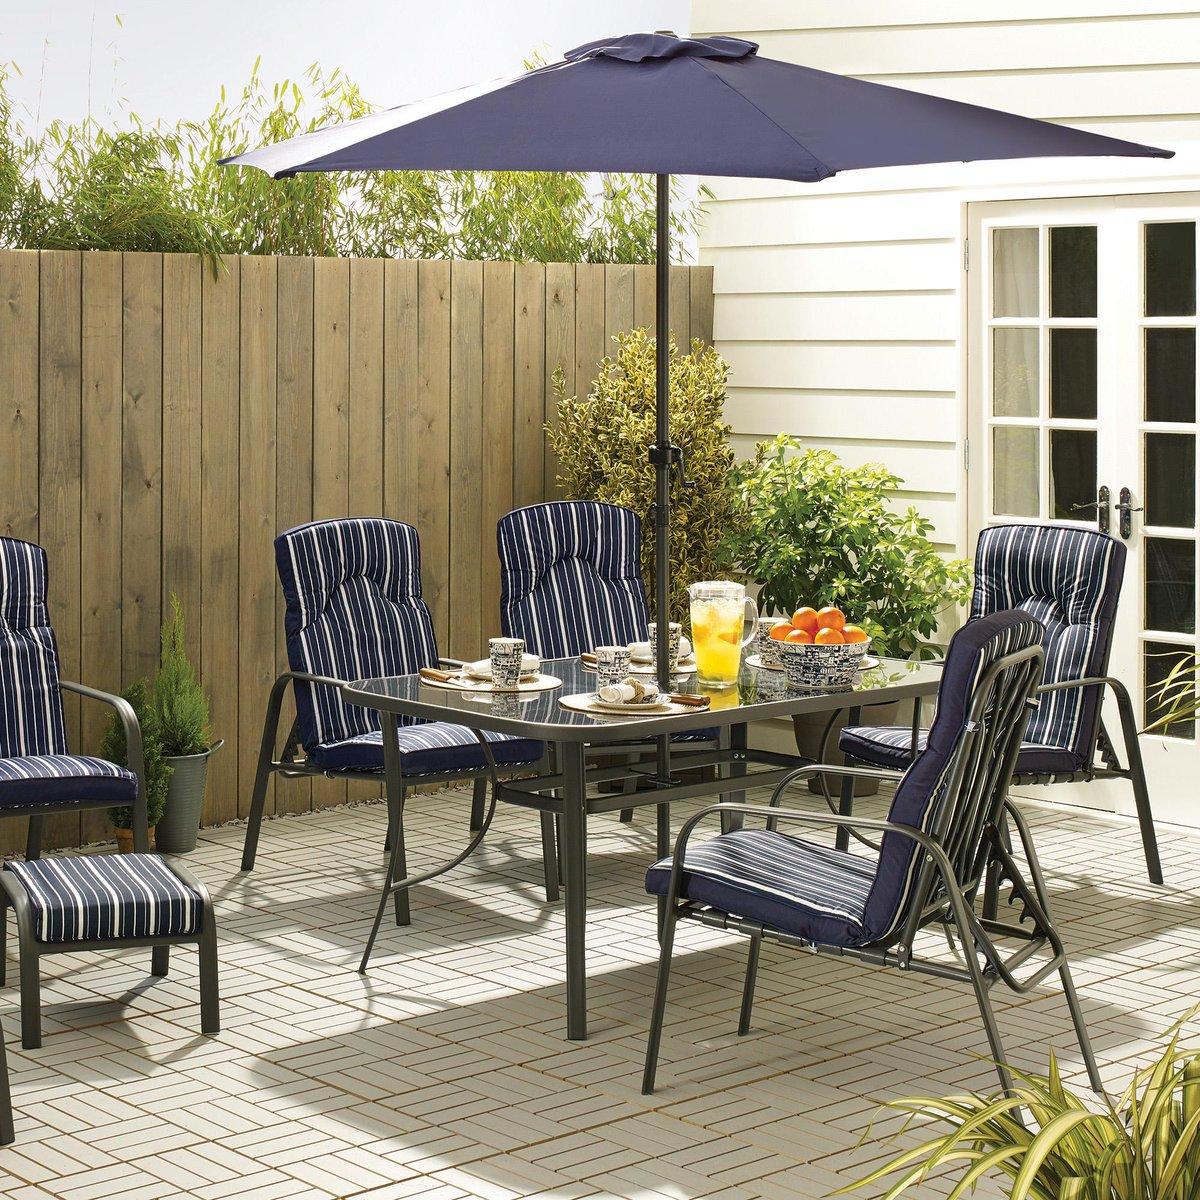 collection garden furniture accessories pictures. Dunelm On Twitter: \ Collection Garden Furniture Accessories Pictures E